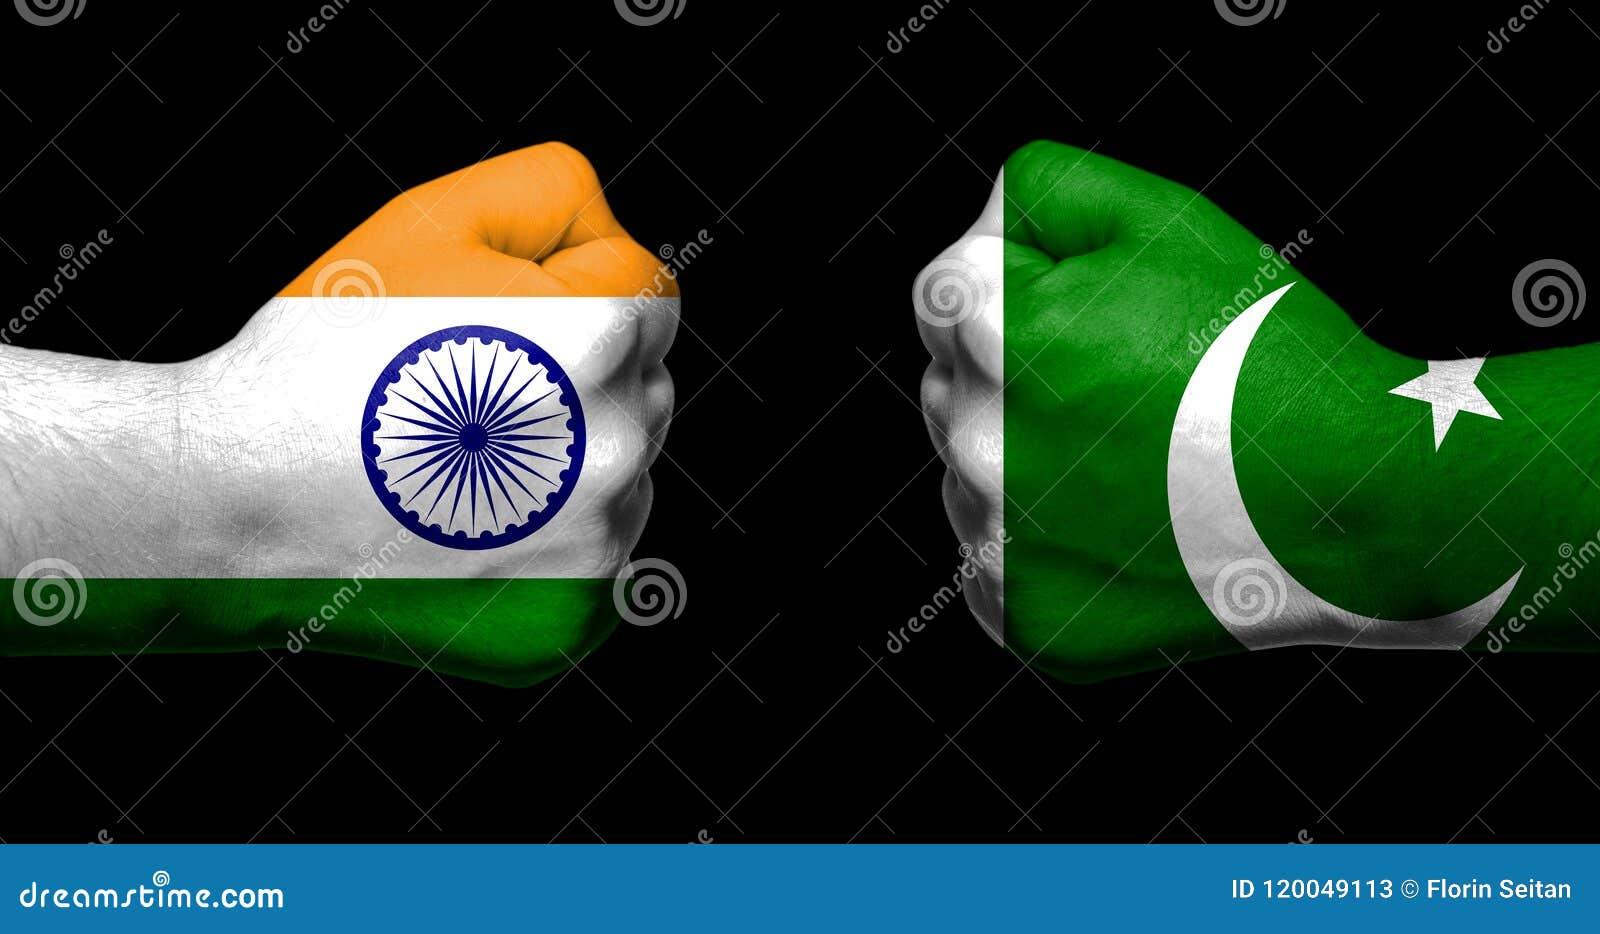 Flaga India i Pakistan malujący na dwa zaciskali pięści stawia czoło each inny na czarnym tła, powiązań pojęciu/India, Pakistan -